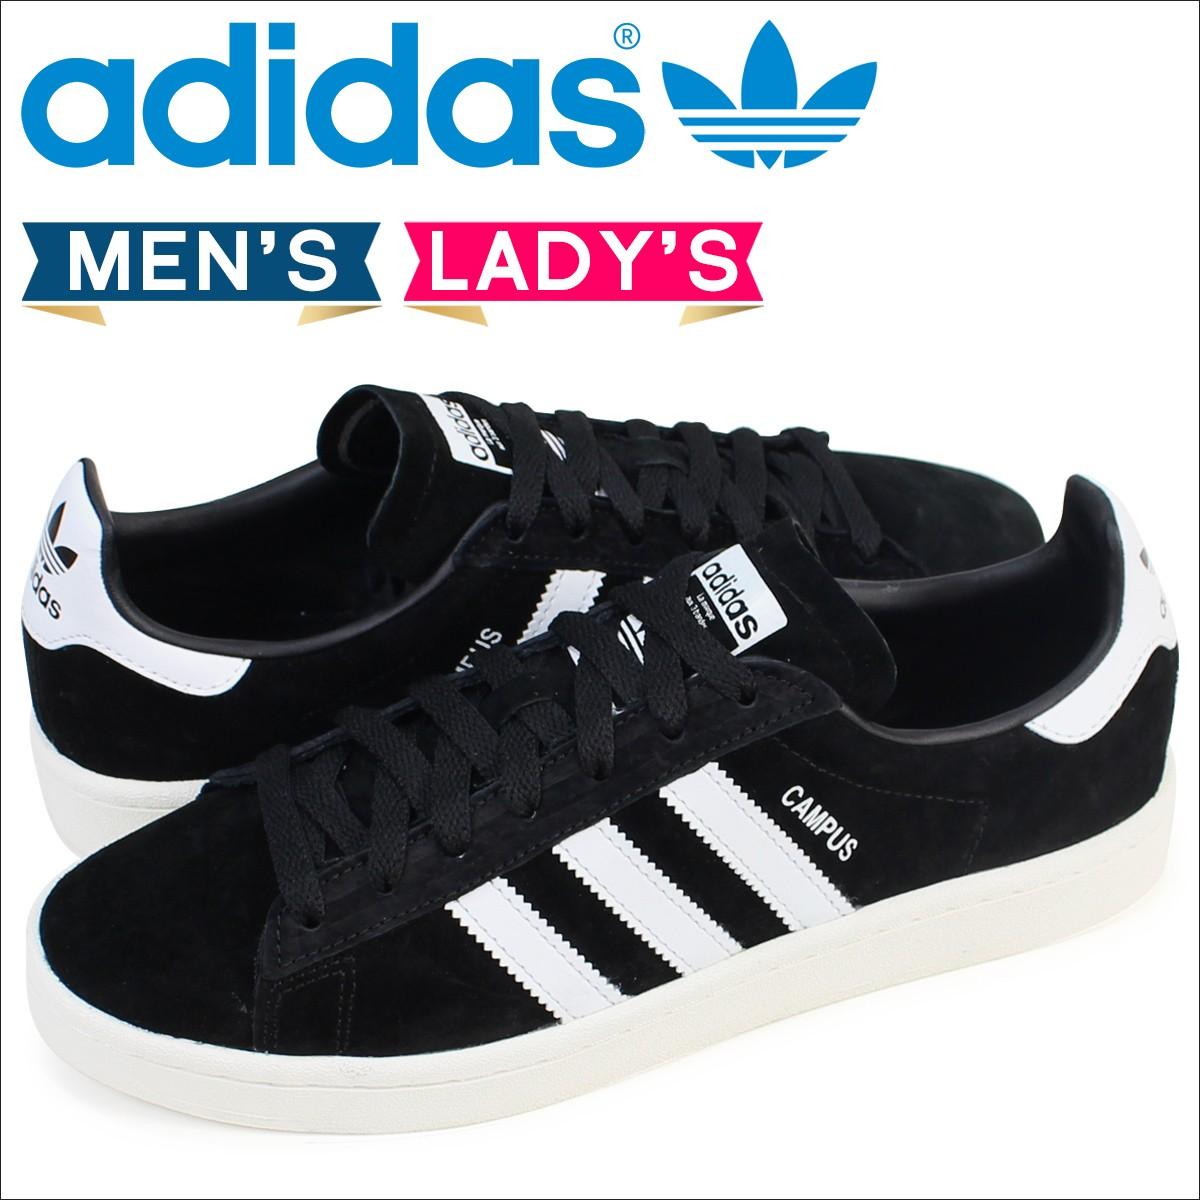 アディダス キャンパス adidas Originals スニーカー CAMPUS メンズ レディース BZ0084 靴 ブラック [1/16 再入荷]